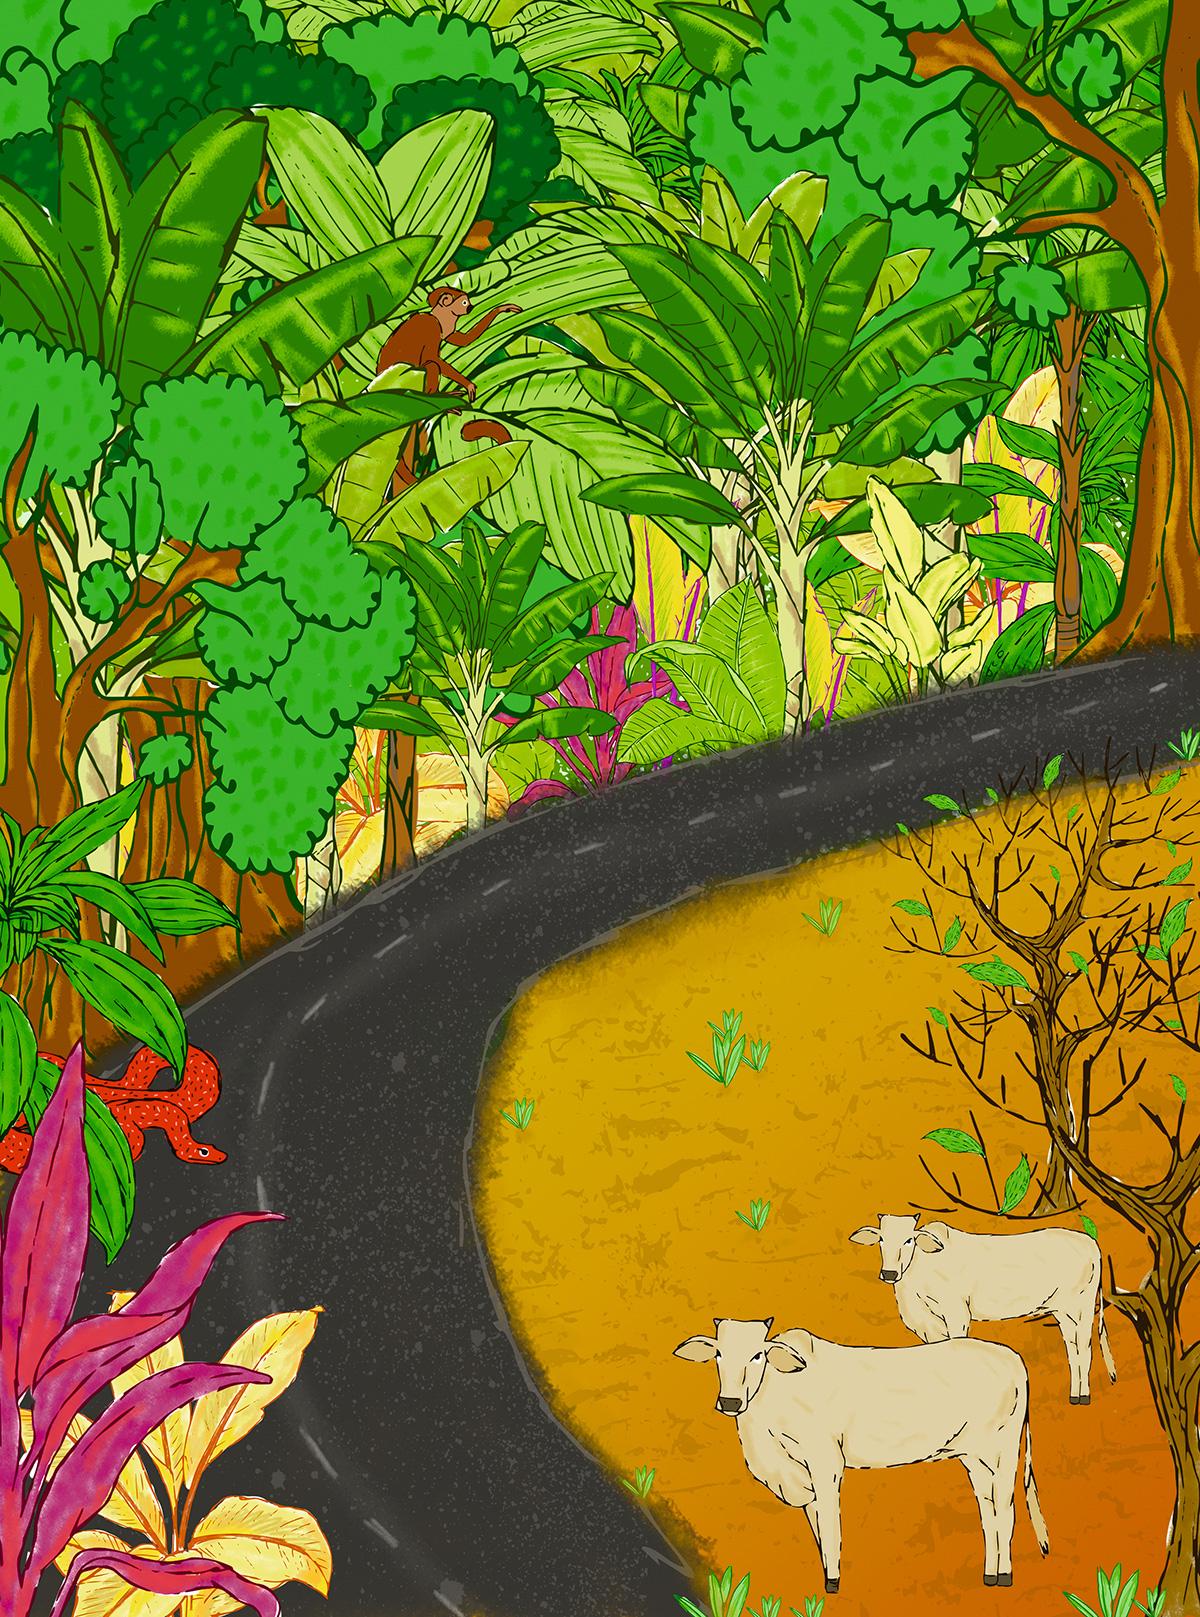 A ciência vem descobrindo uma nova espécie animal ou vegetal na Amazônia a cada dois dias. Botar a floresta abaixo antes mesmo de conhecê-la é como apagar um idioma exótico